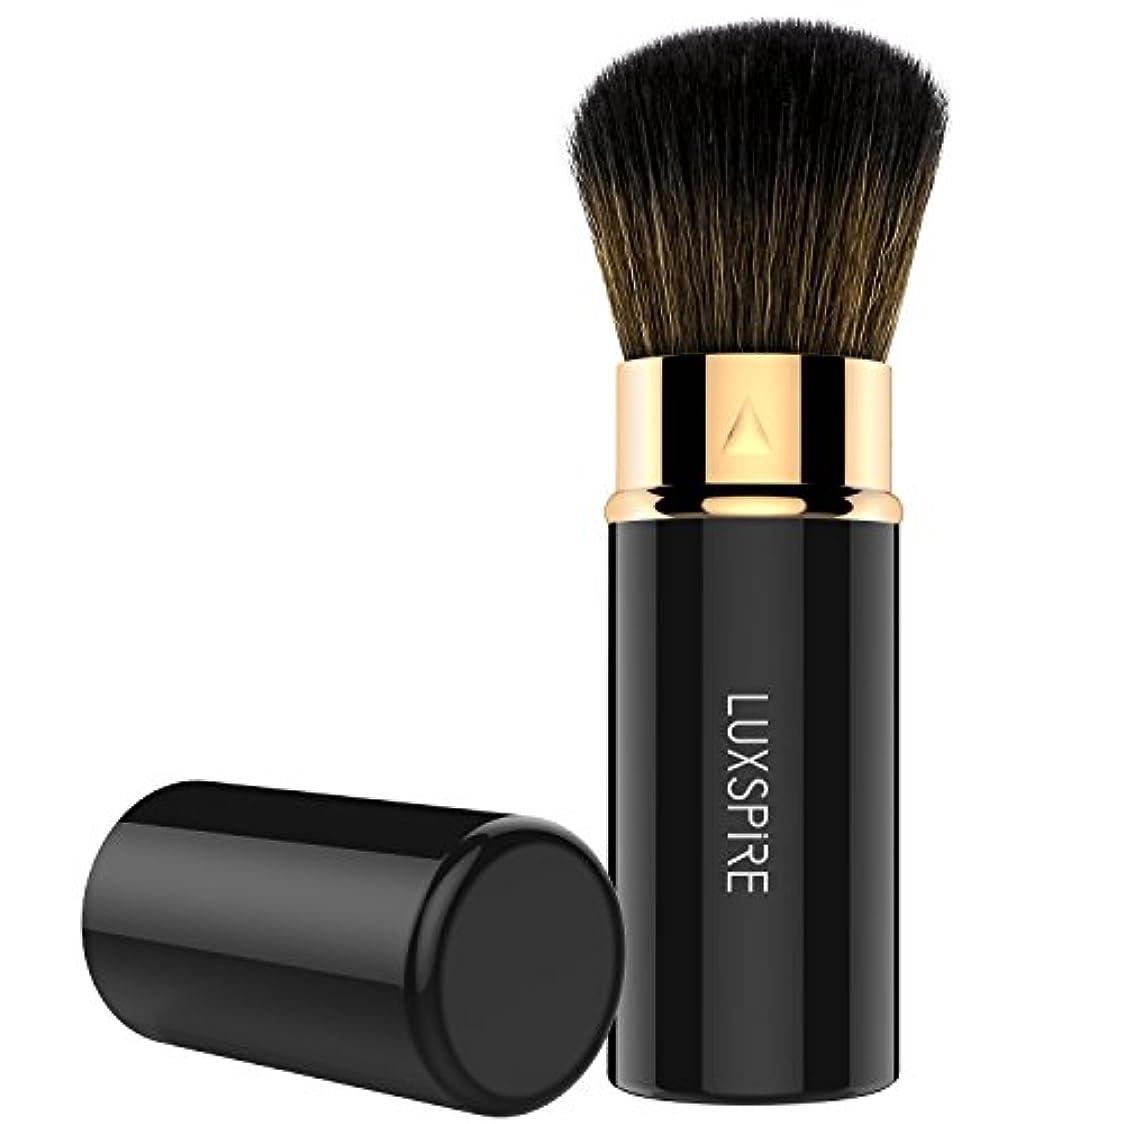 追放する球体追加ファンデーションブラシ - Luxspire メイクブラシ 伸縮可能 防塵でき 化粧筆 コスメブラシ 繊細な人工毛 毛質やわらかい 肌に優しい